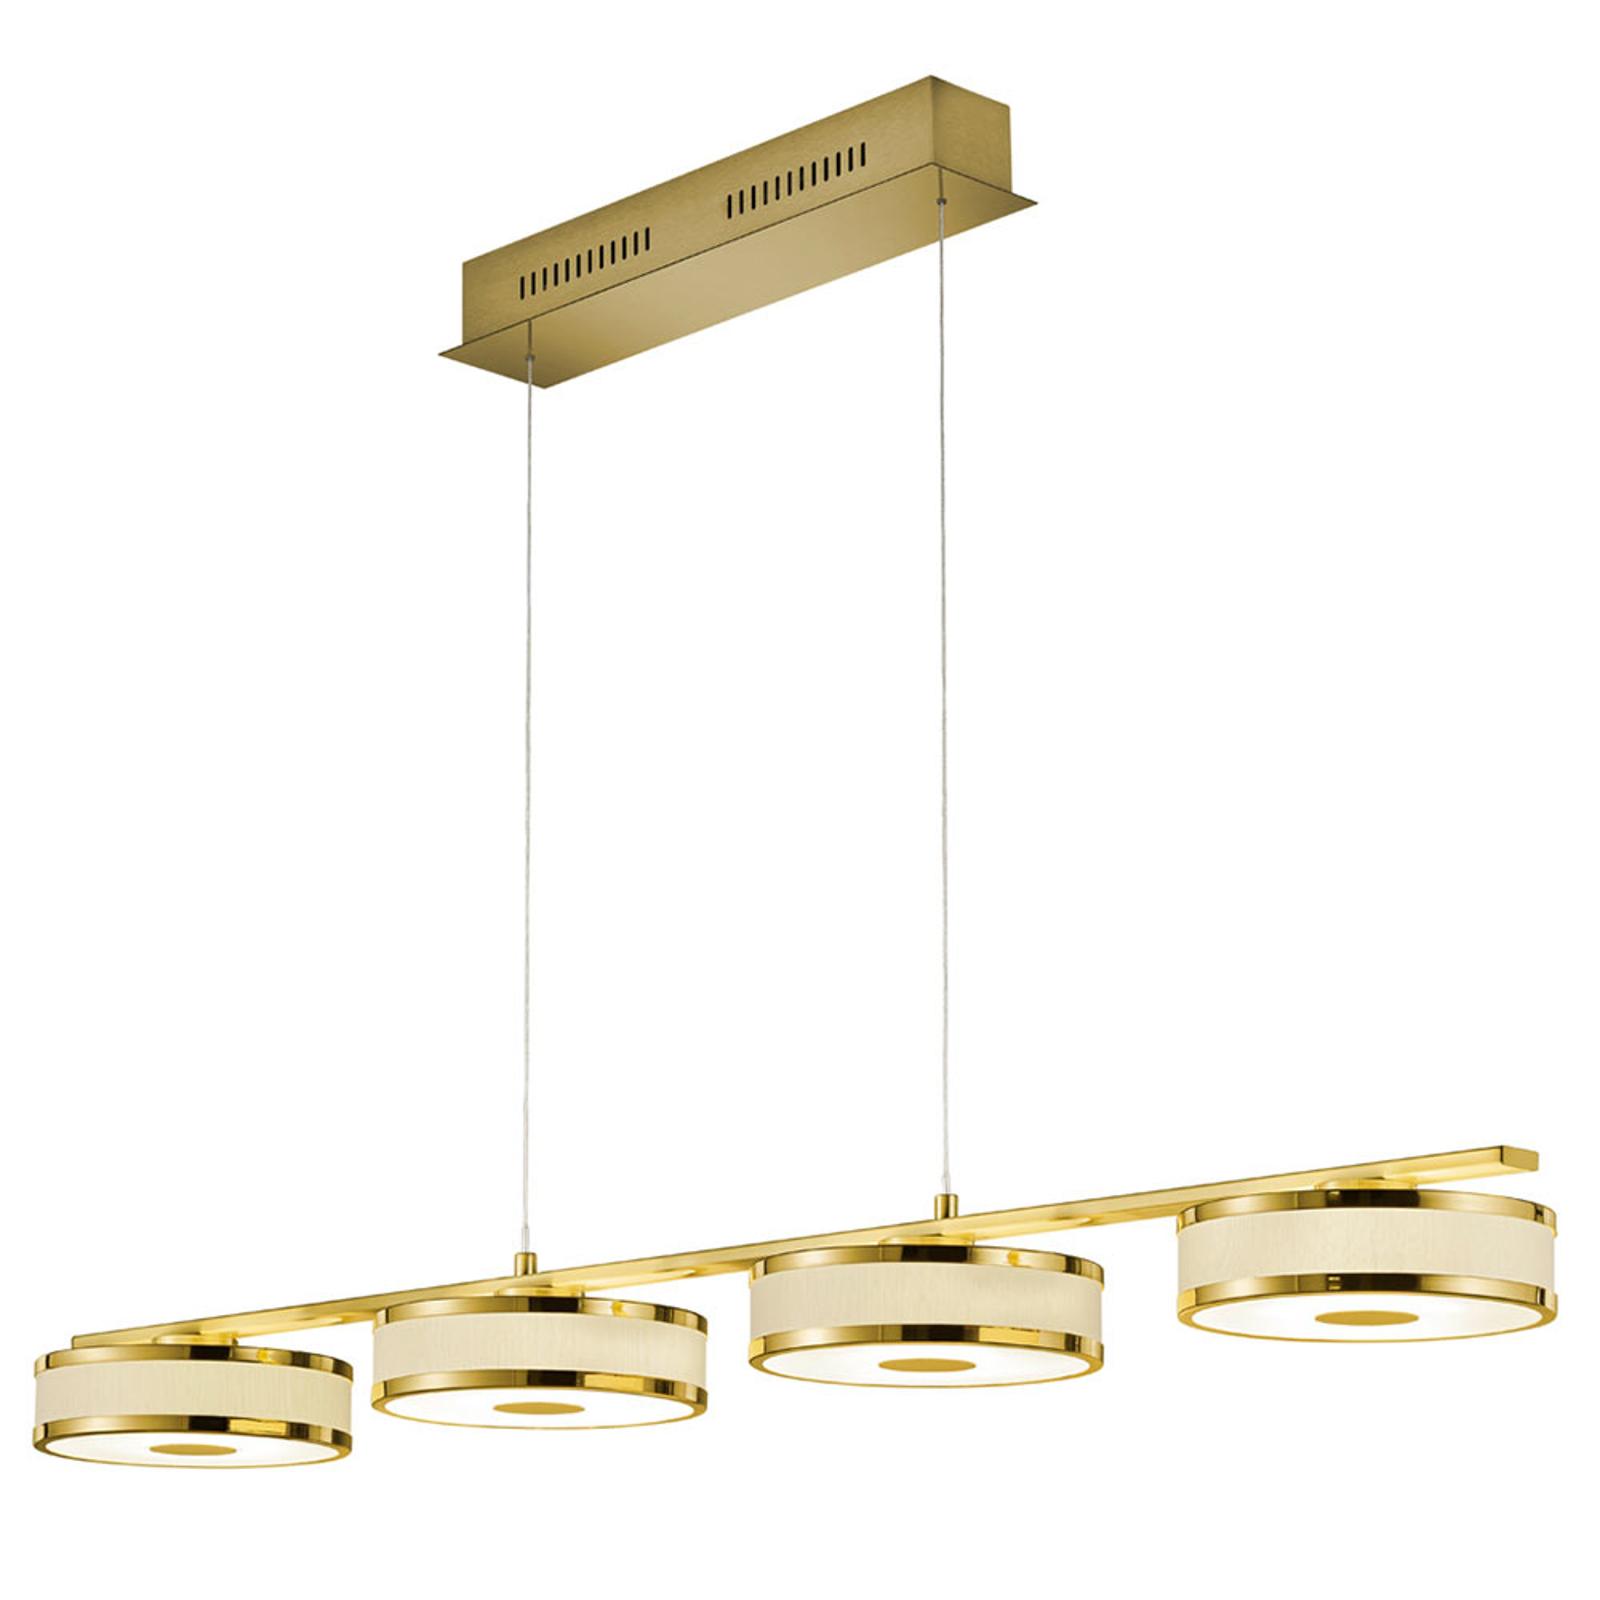 Agento-LED-riippuvalaisin, messinkiä, 4-lamppuinen